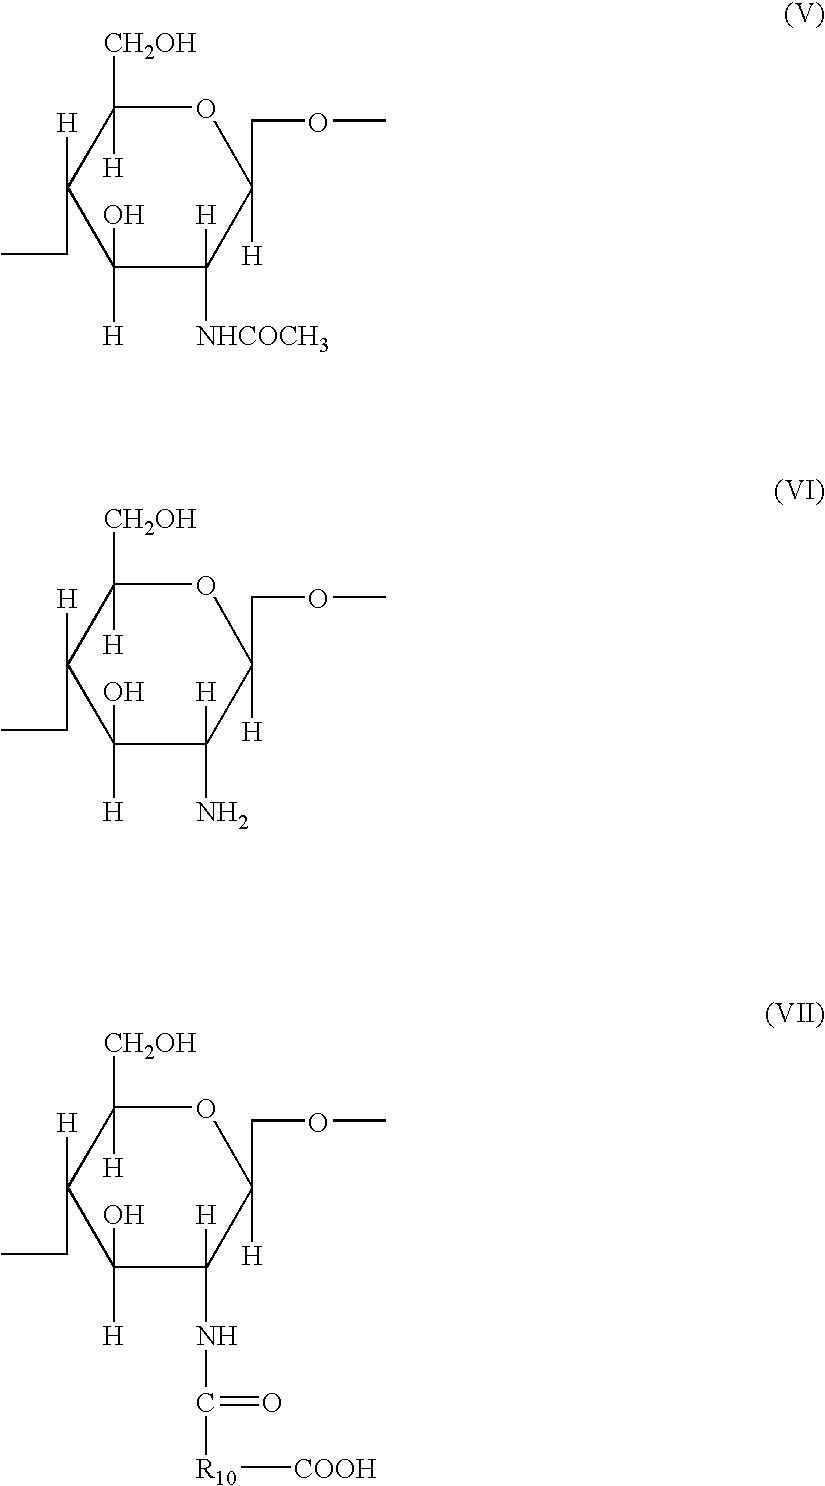 Figure US07335348-20080226-C00005